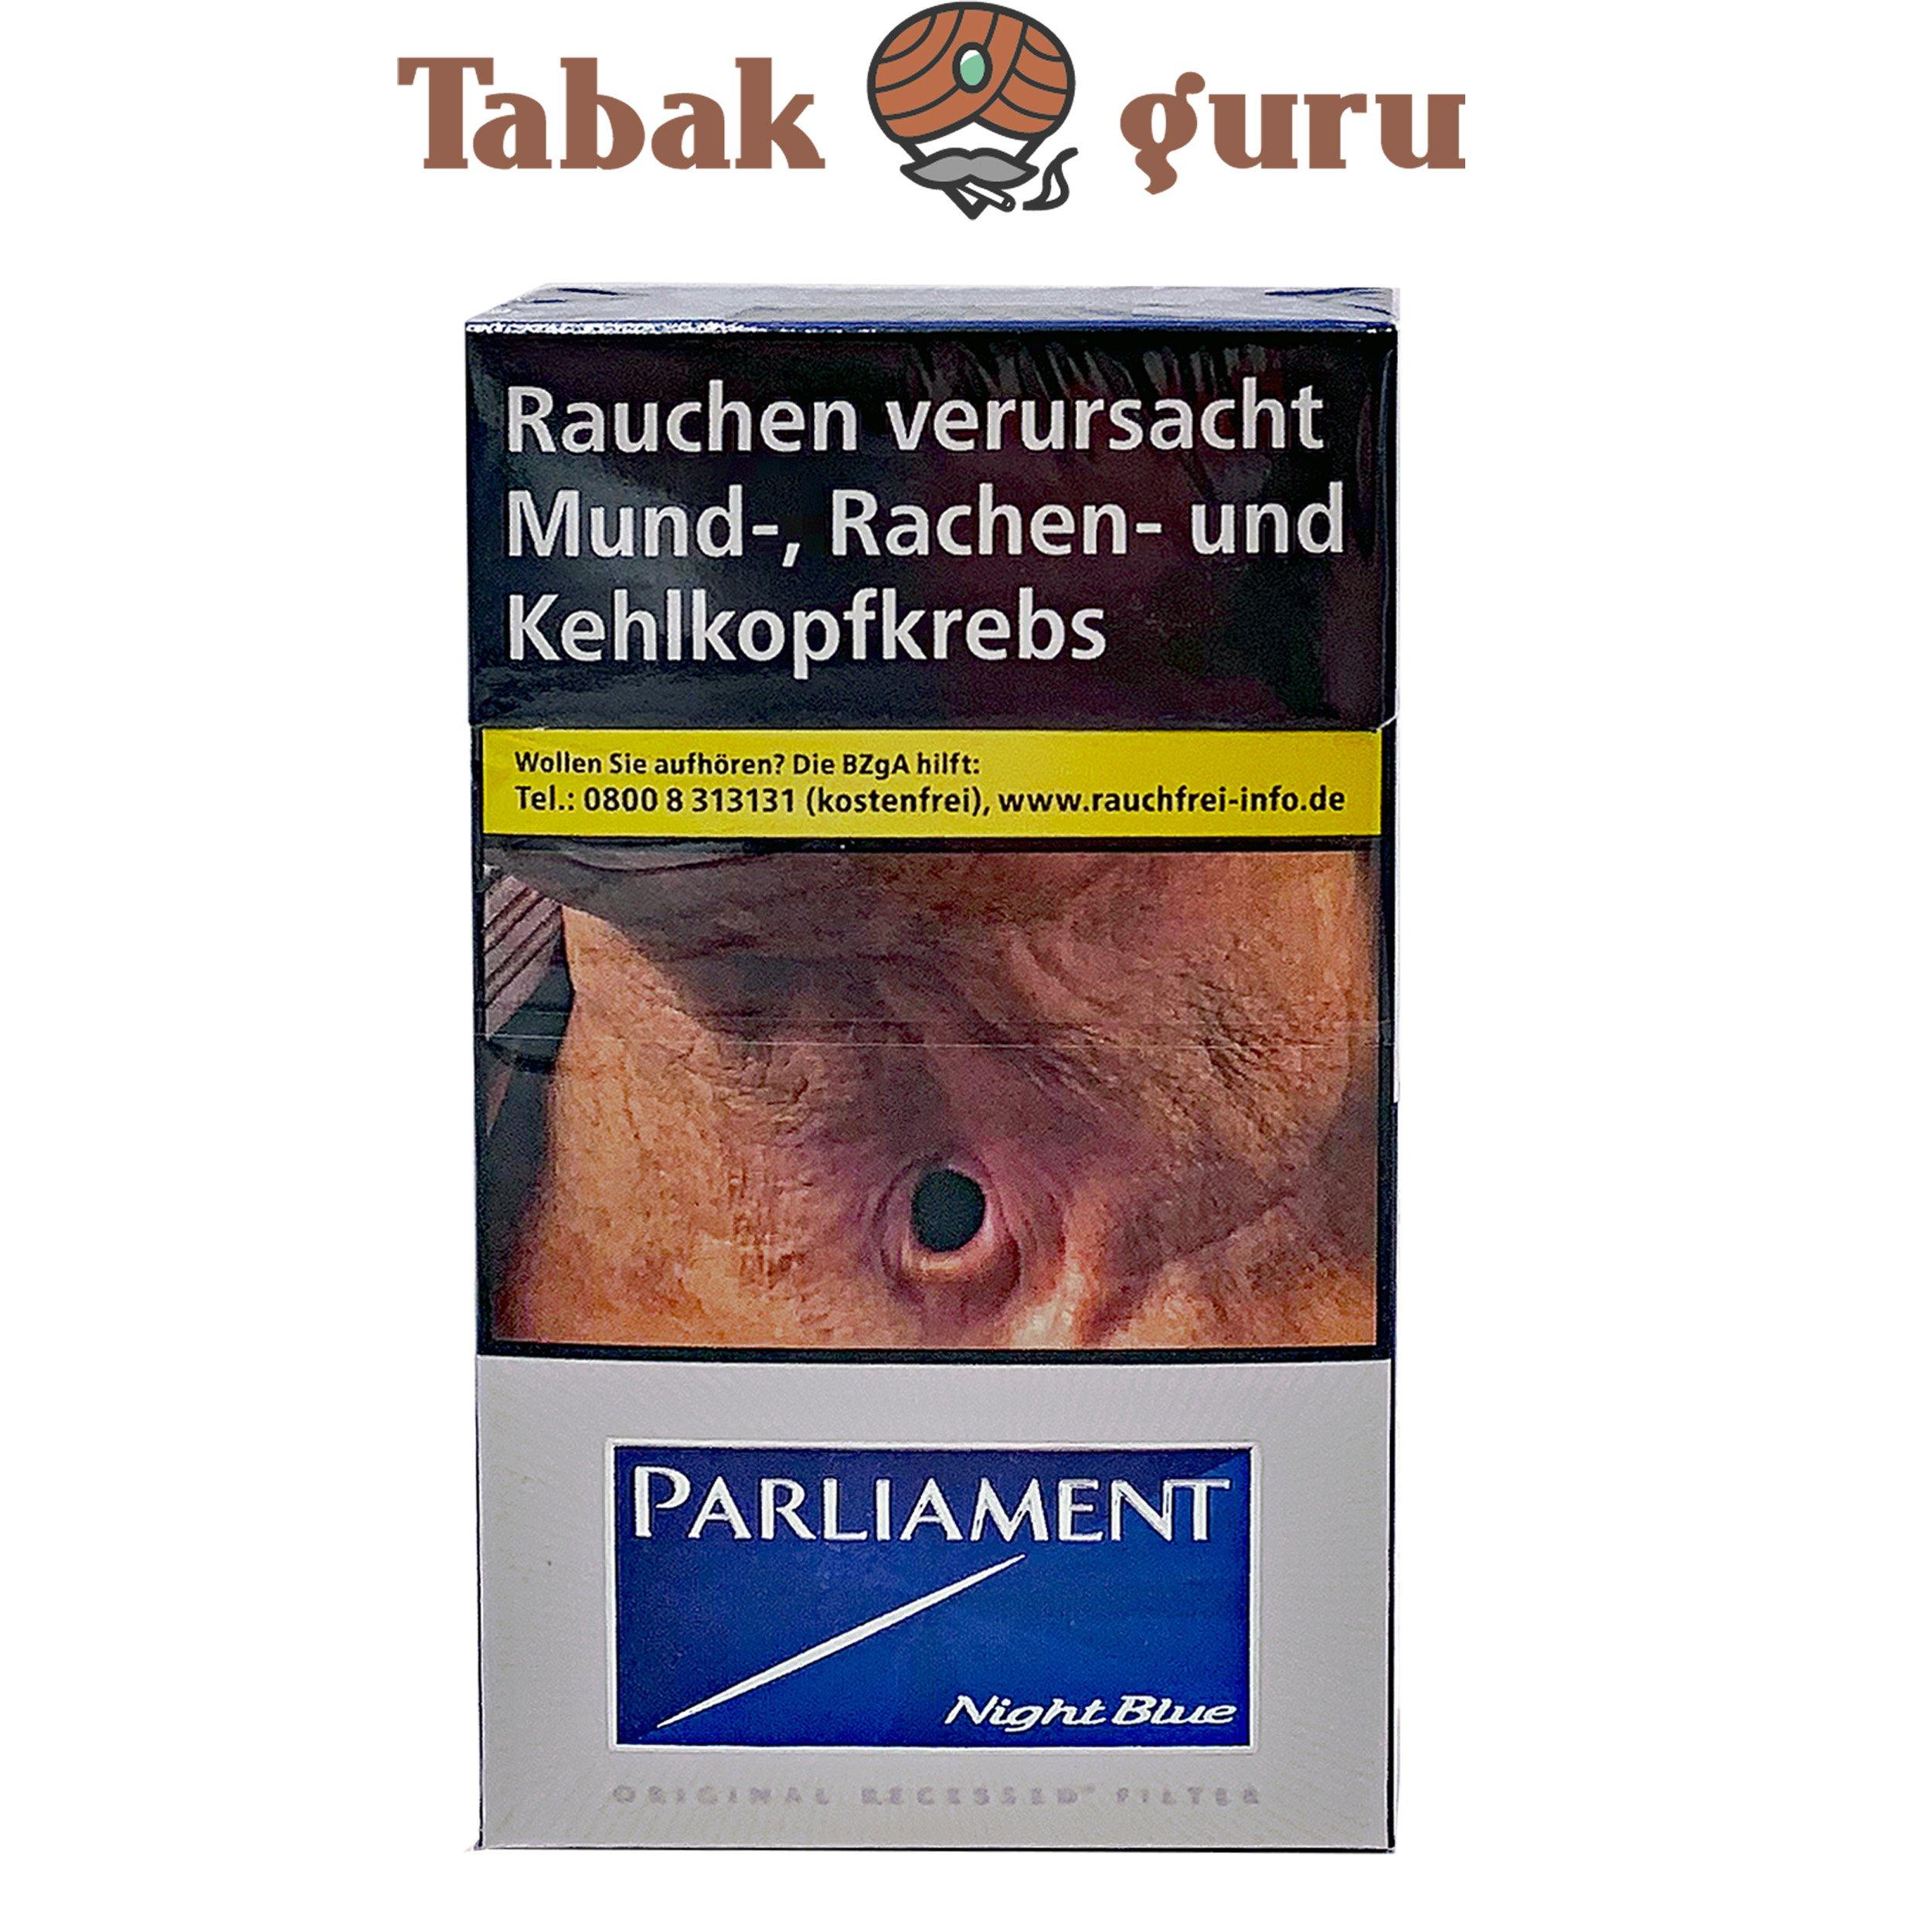 Parliament Night Blue Long Zigaretten (20 Stück)